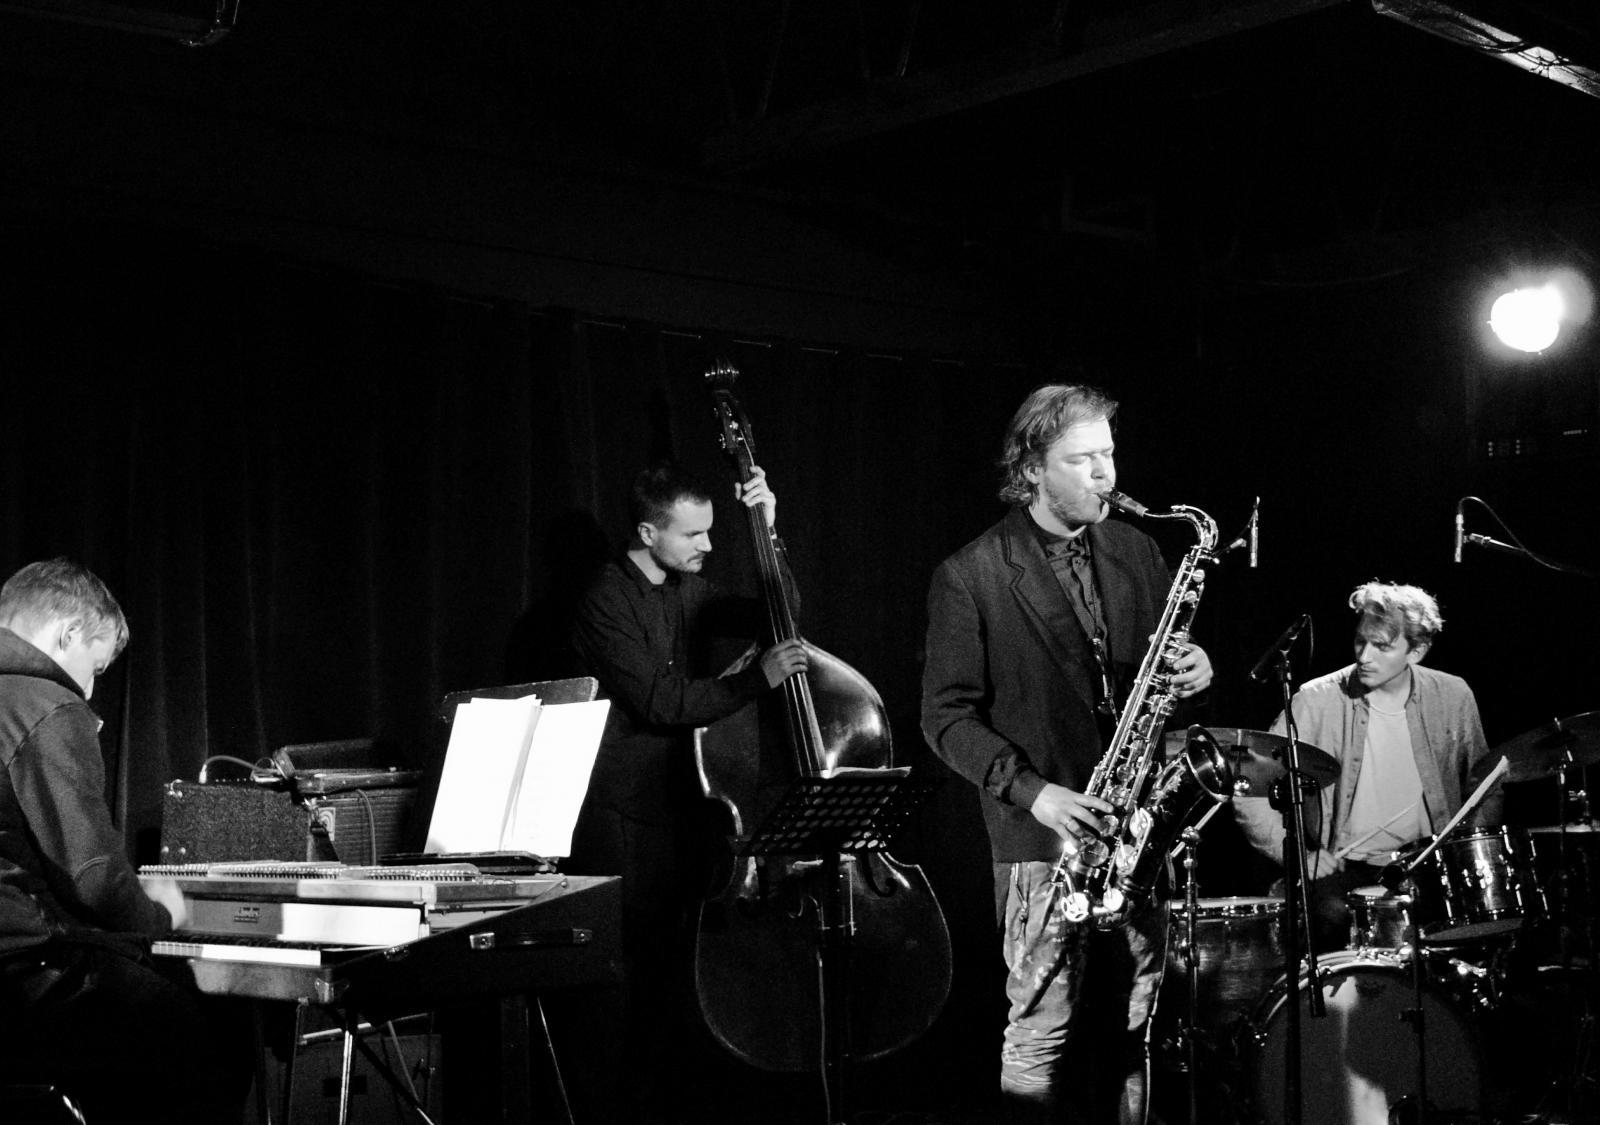 13th MÓZG Festival: Marek Pospieszalski Quartet / Rashad Becker / Kondensator Przepływu / ædm